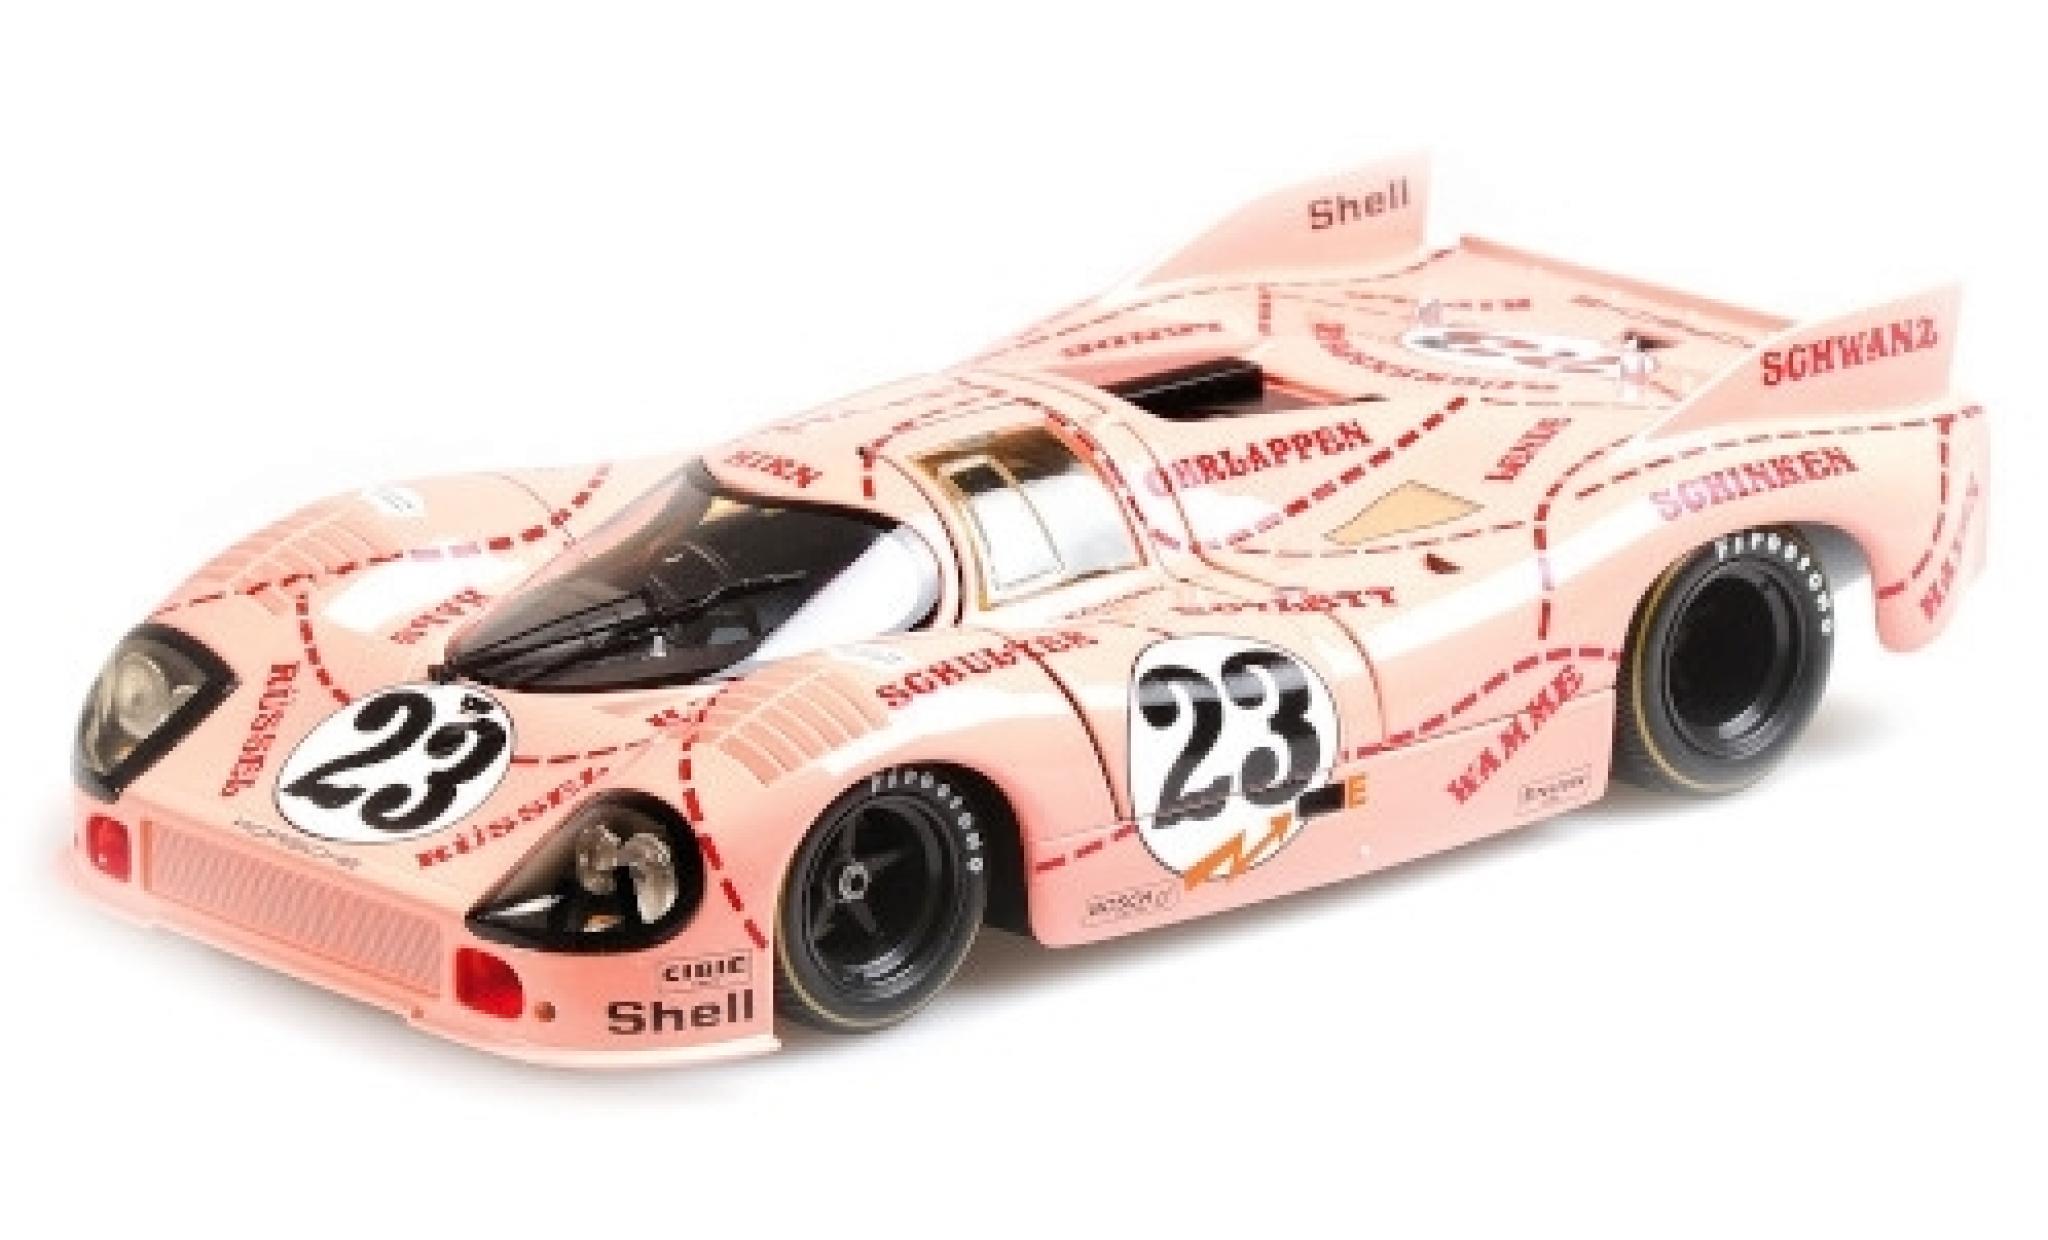 Porsche 917 1/18 Minichamps /20 No.23 Pink Pig 24h Le Mans 1971 W.Kauhsen/R.Joest